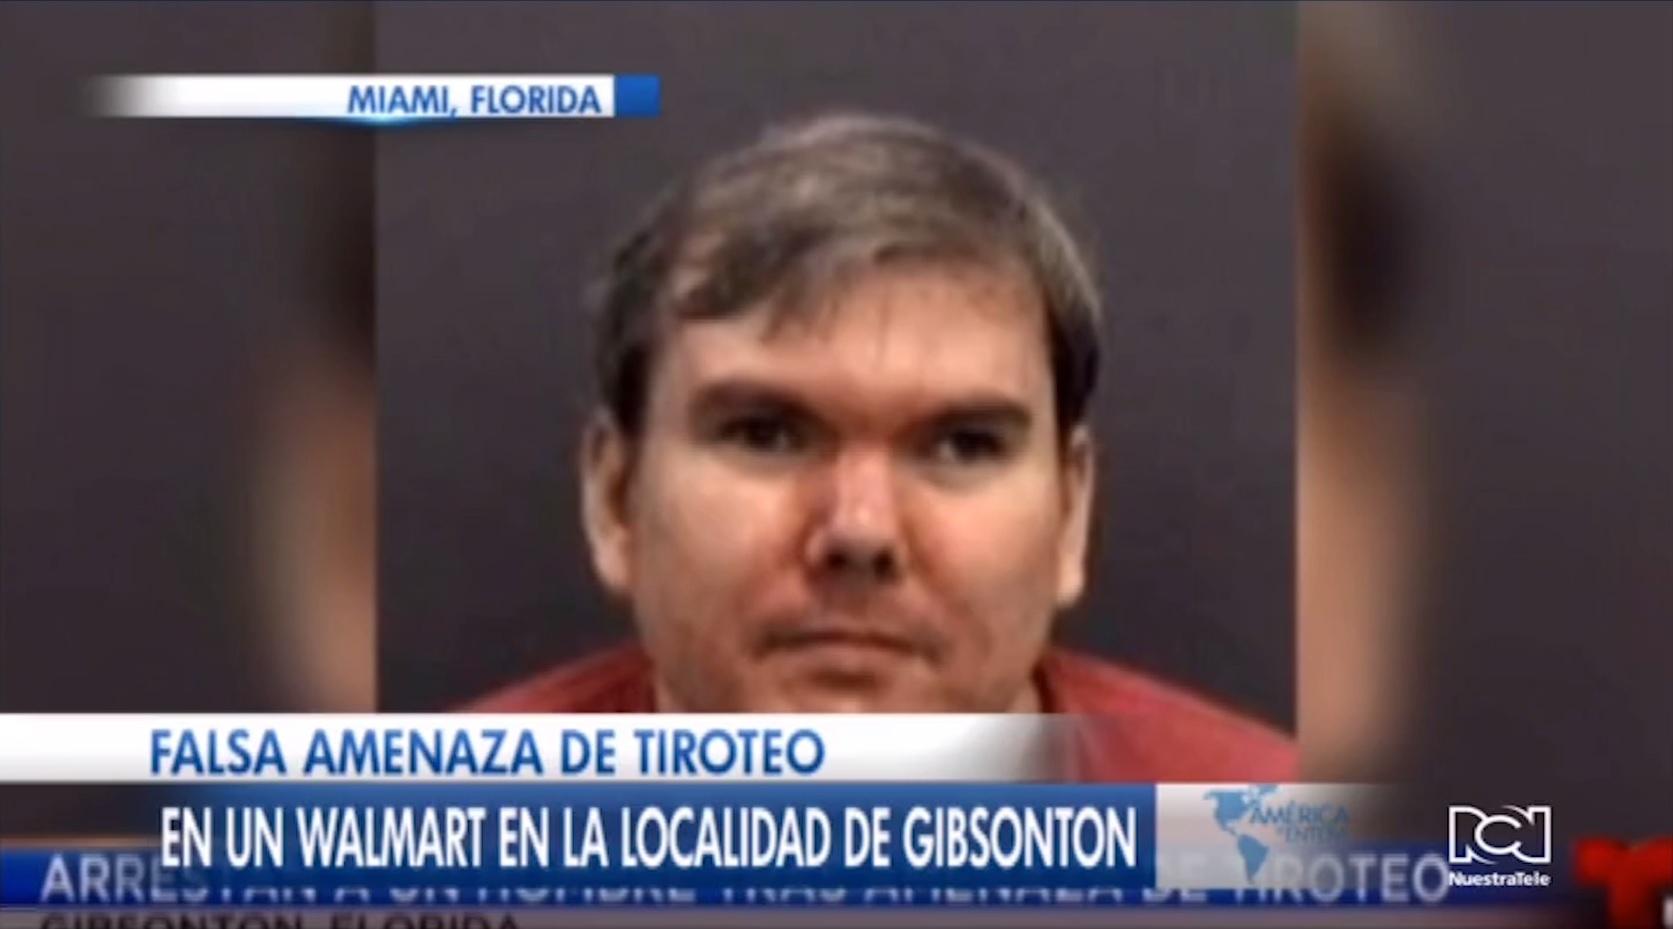 Amenaza de masacre en Walmart de Florida